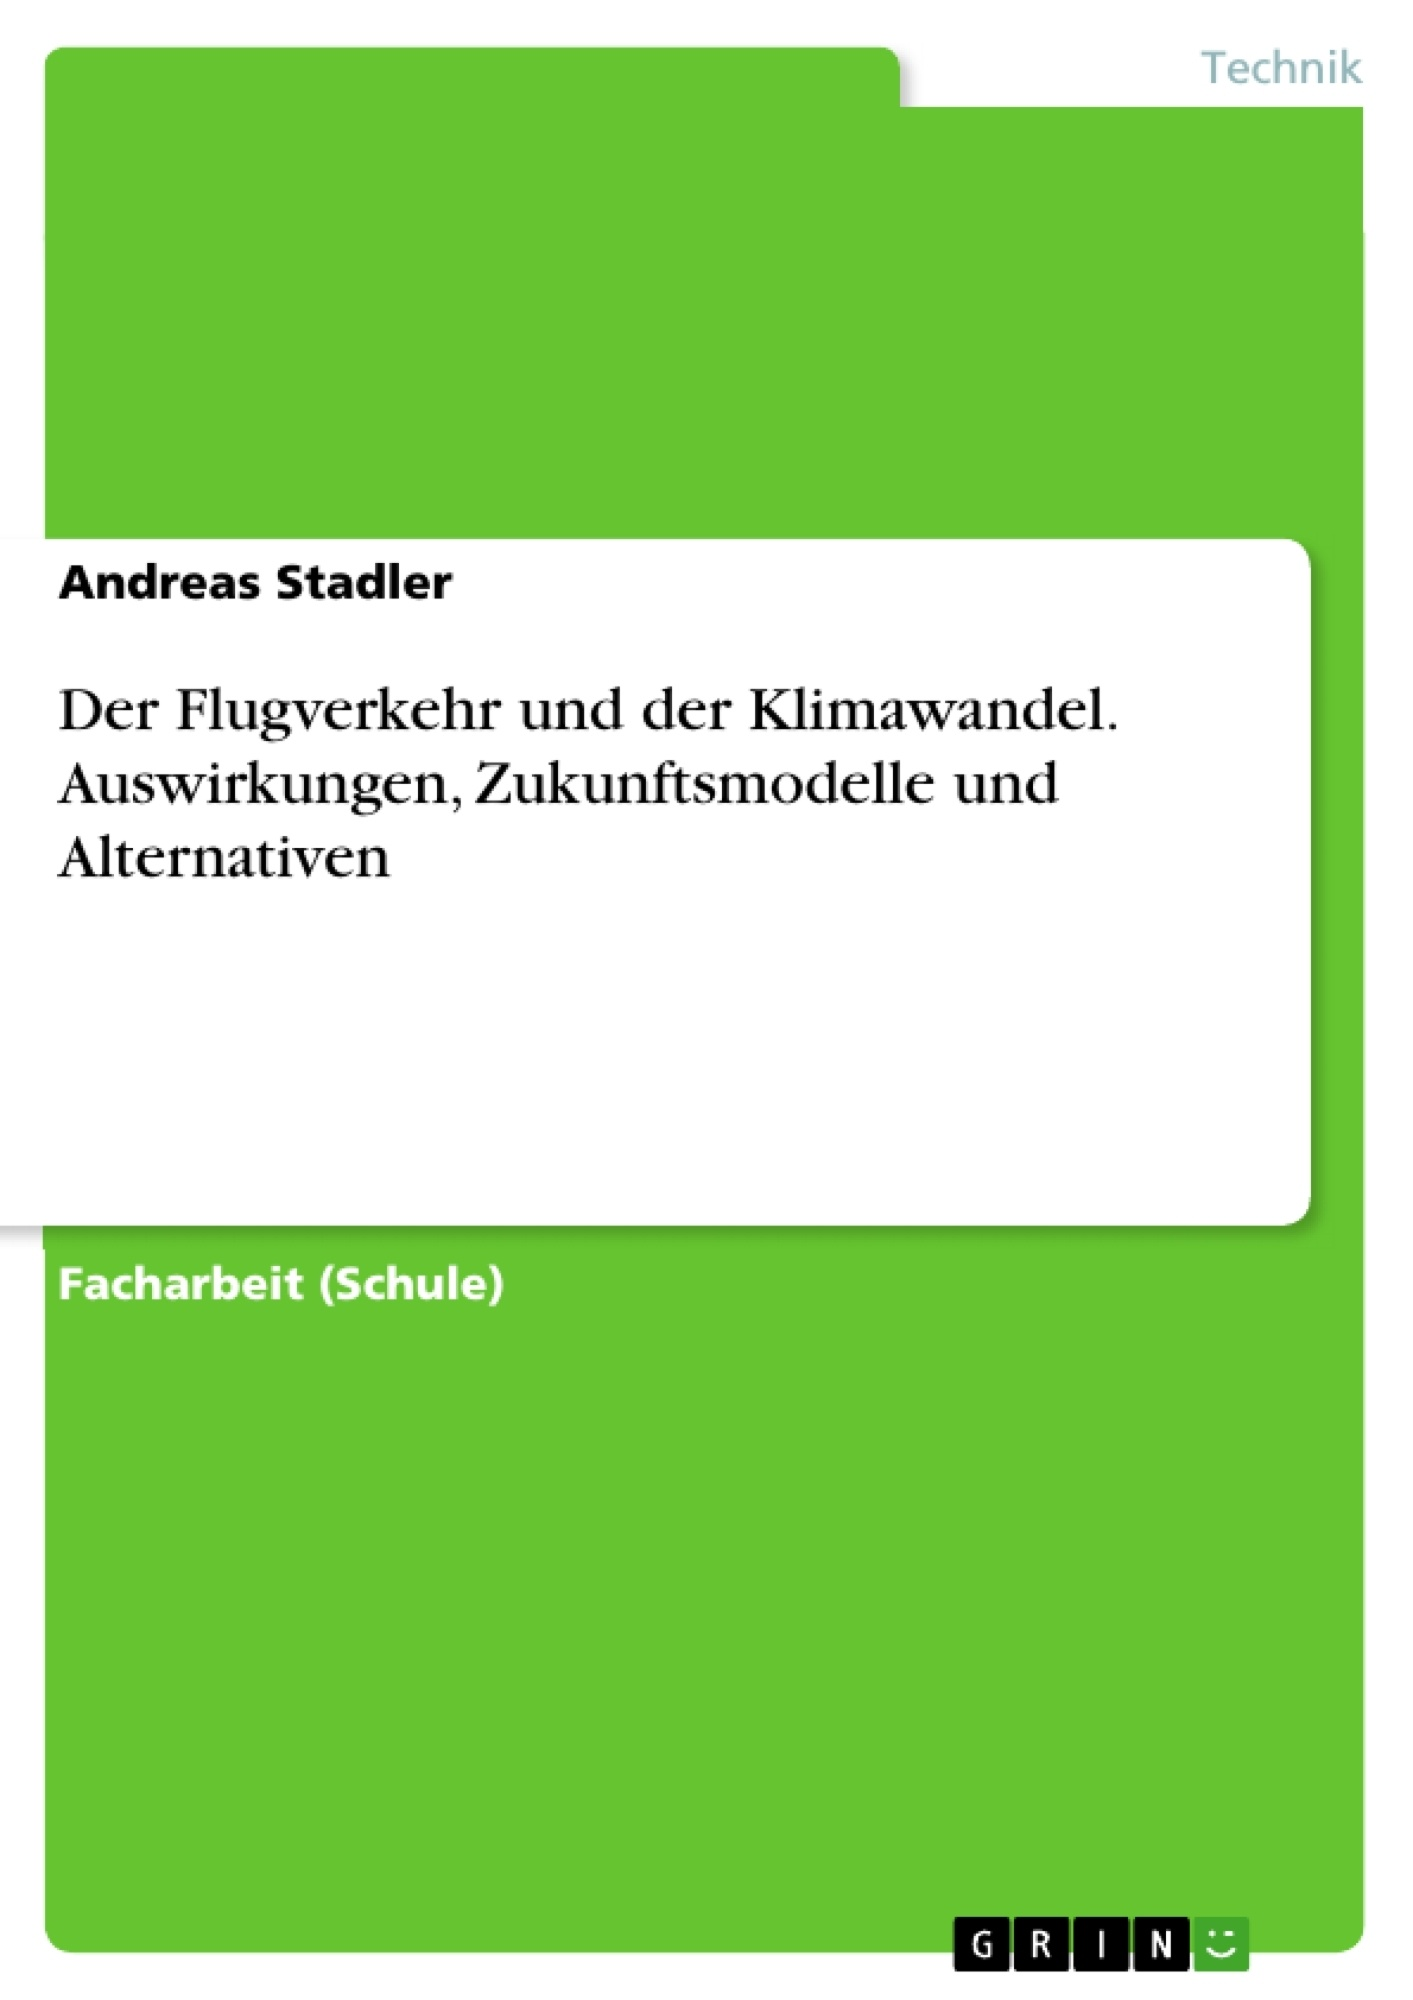 Titel: Der Flugverkehr und der Klimawandel. Auswirkungen, Zukunftsmodelle und Alternativen